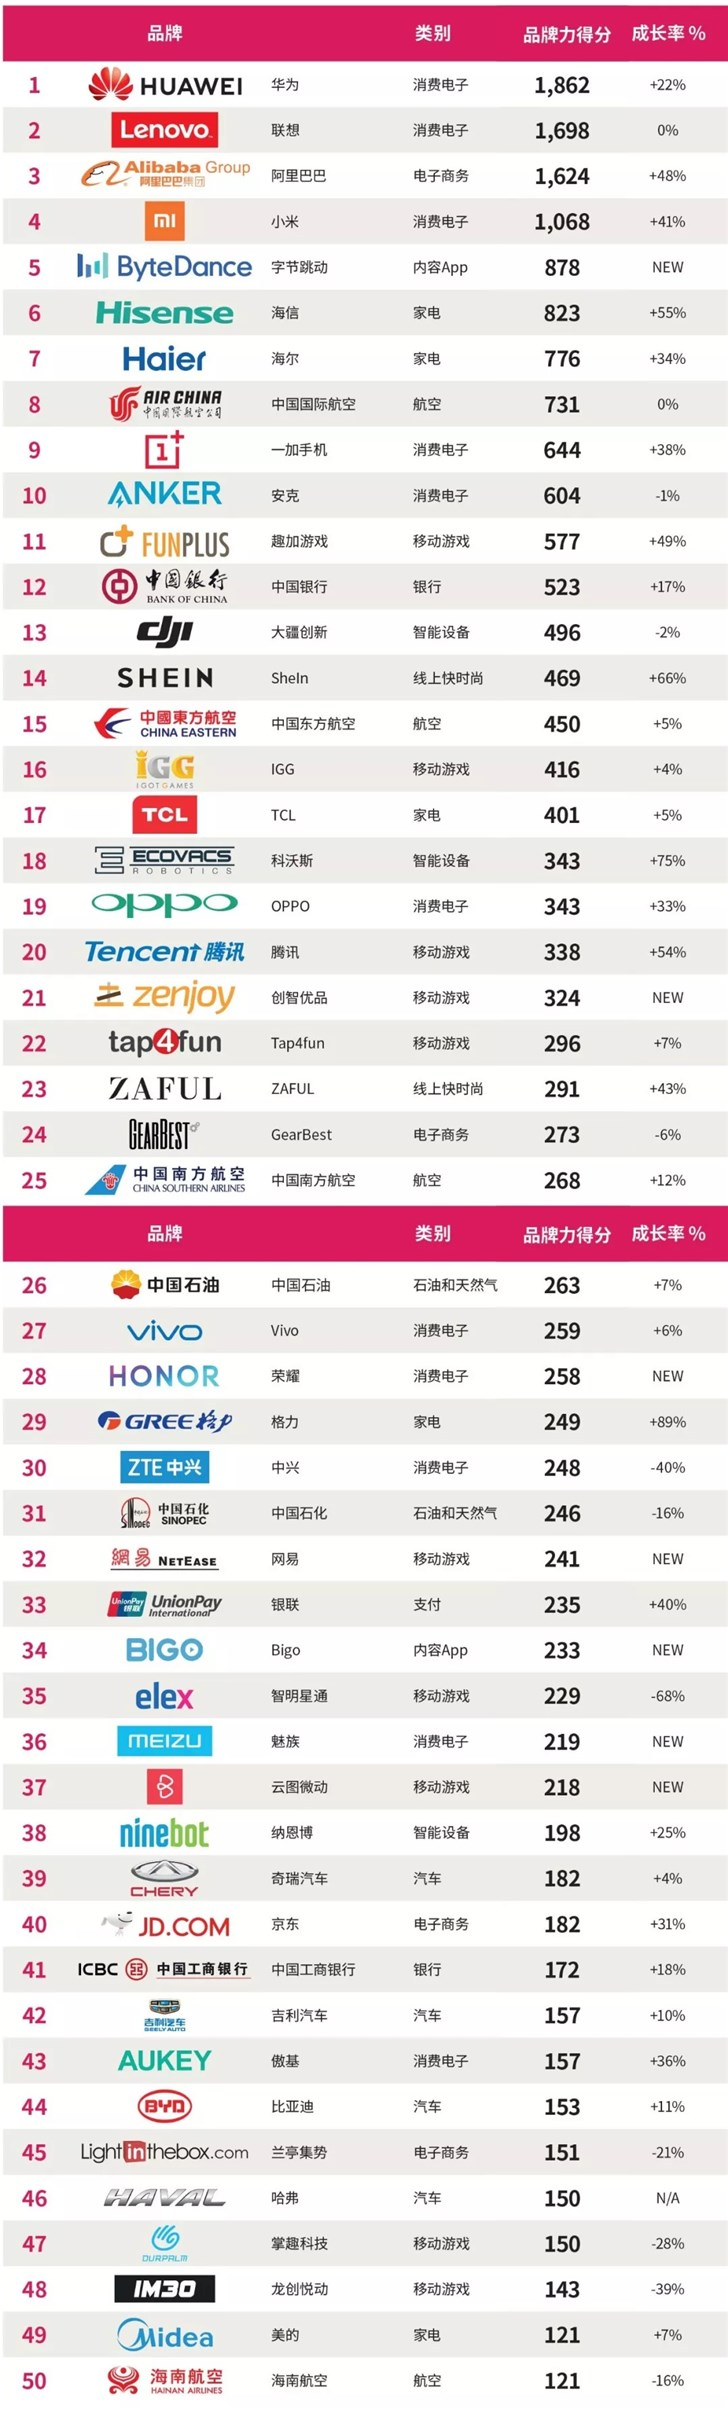 中国出海品牌50强是这么回事?中国出海品牌50强具体详情一览